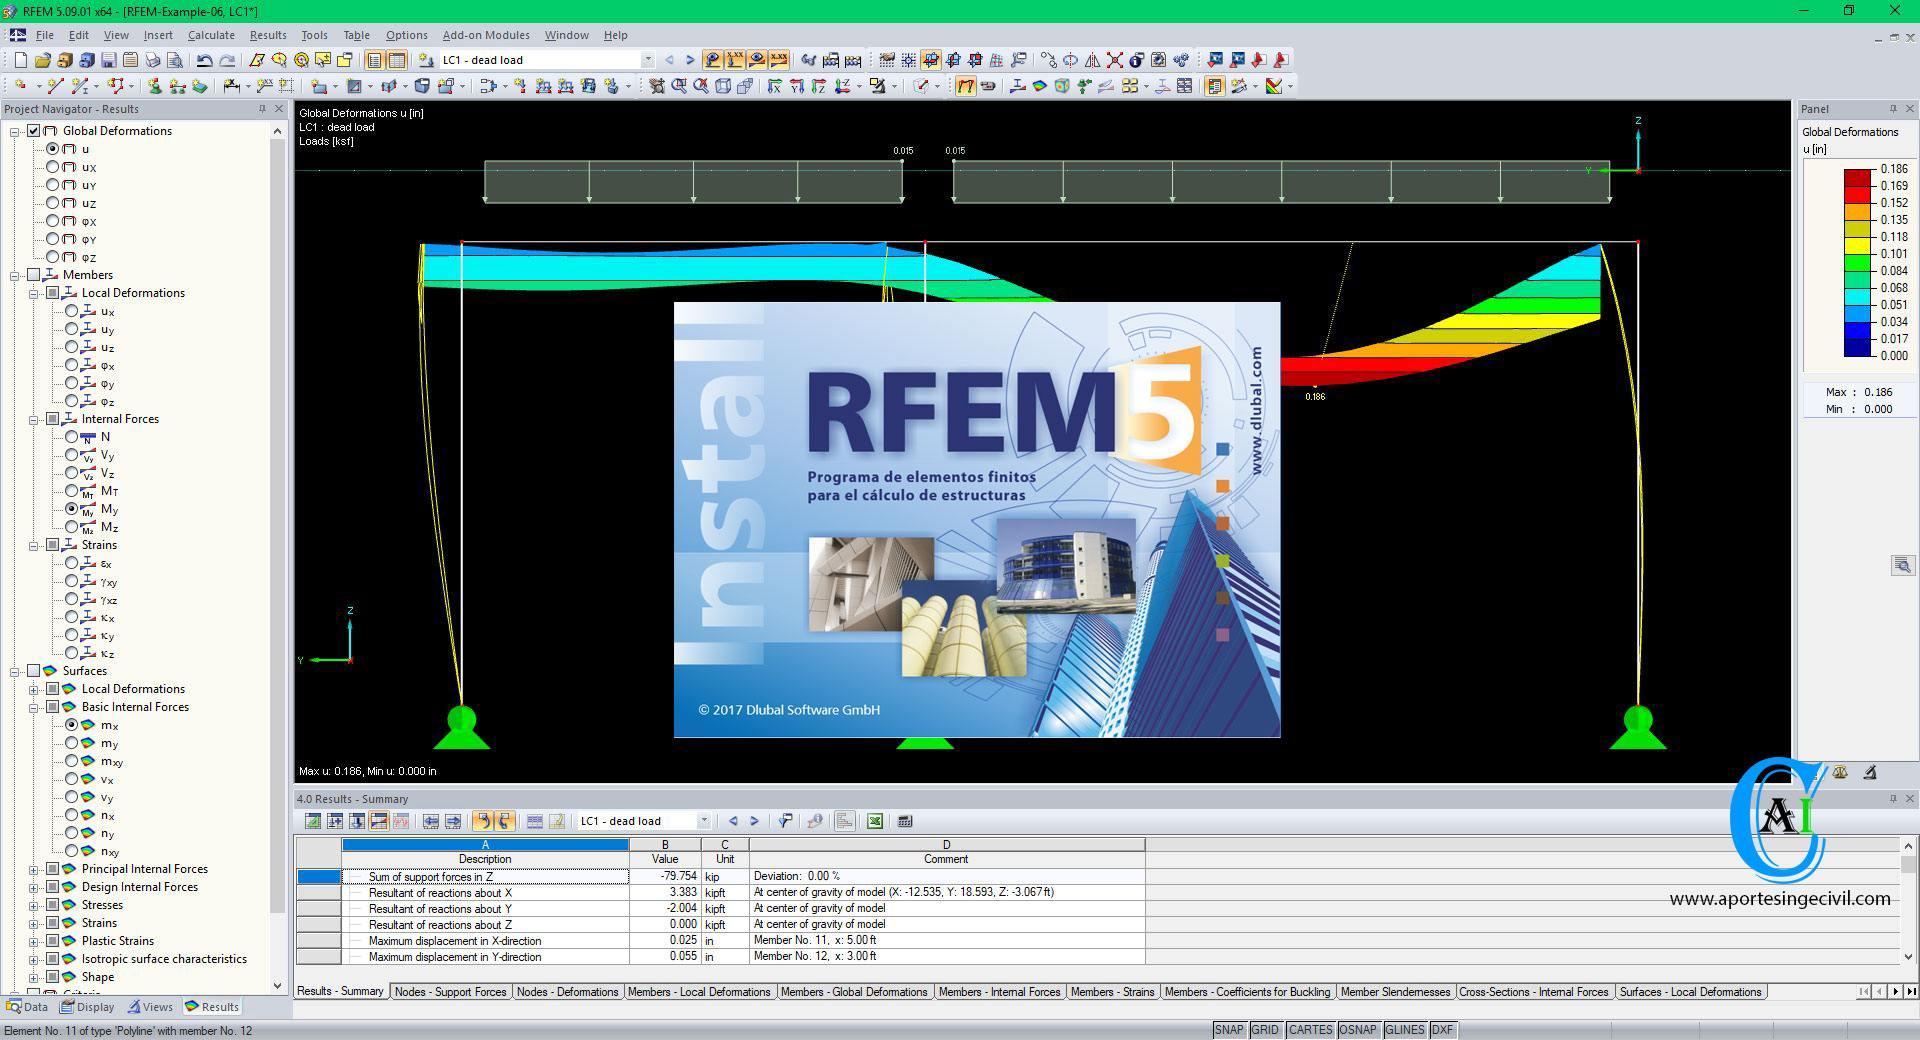 Descargar RFEM 5